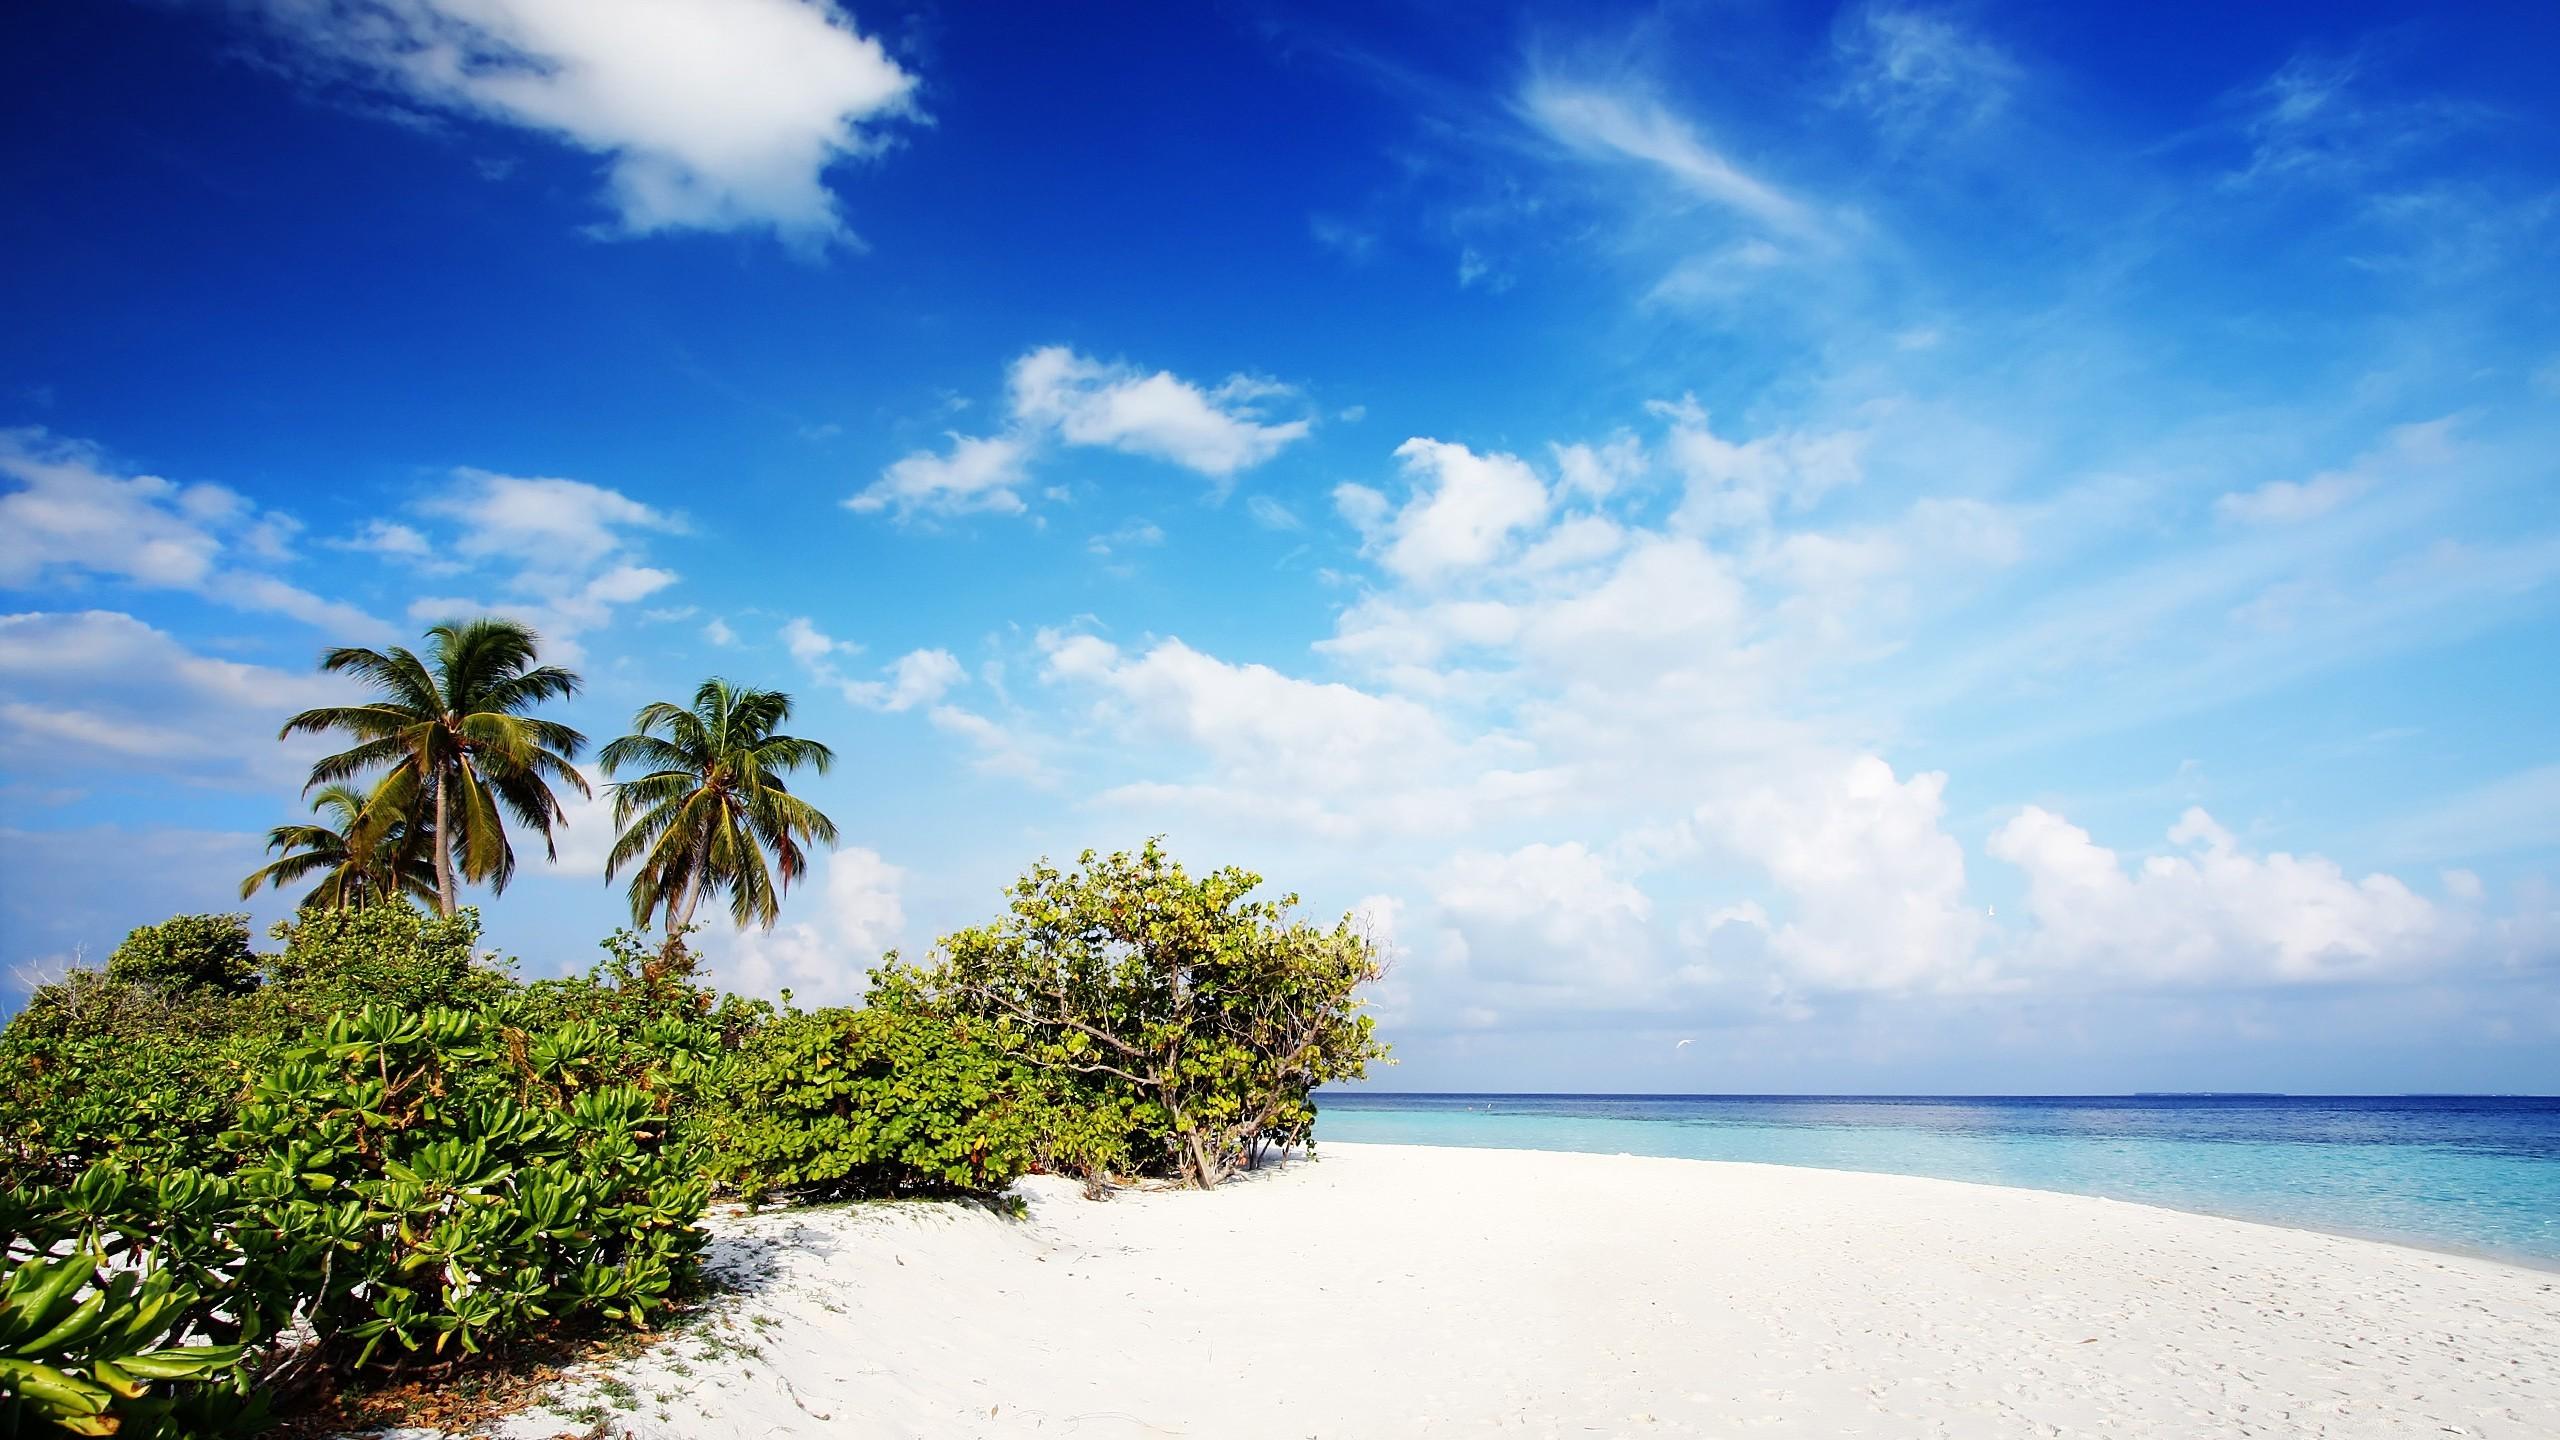 … x 1440 Original. Description: Download Nature Beach Beach wallpaper …